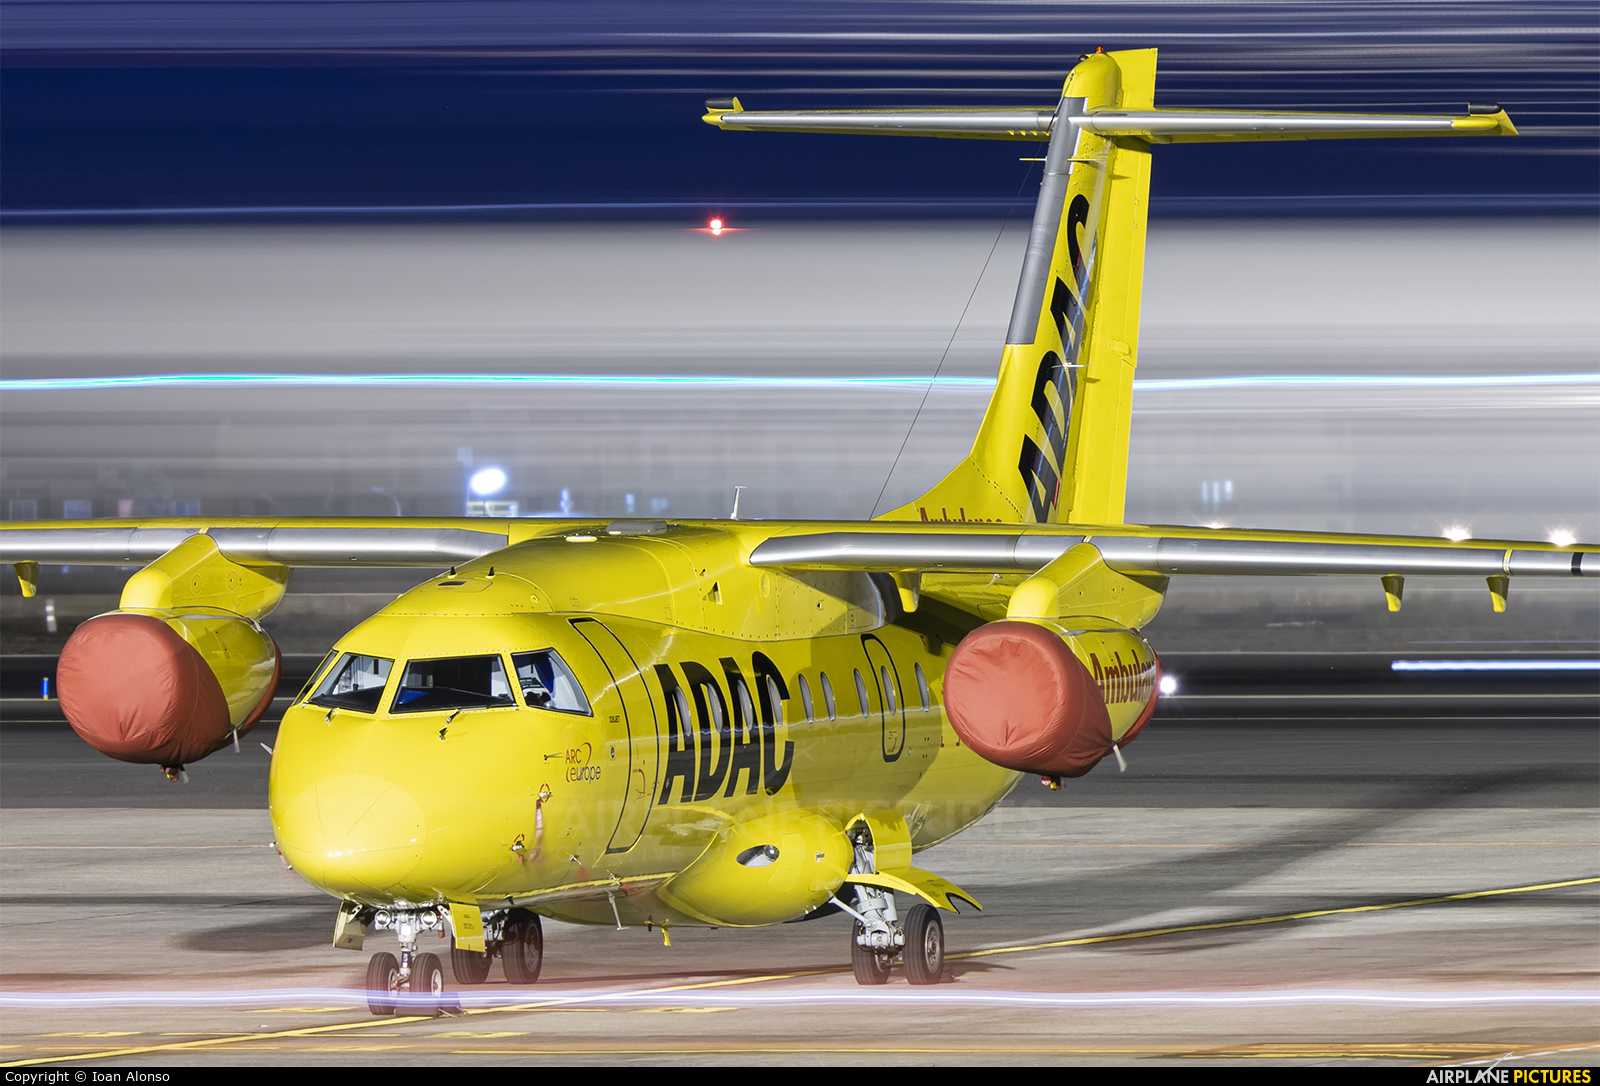 ADAC Luftrettung D-BADA aircraft at Tenerife Sur - Reina Sofia